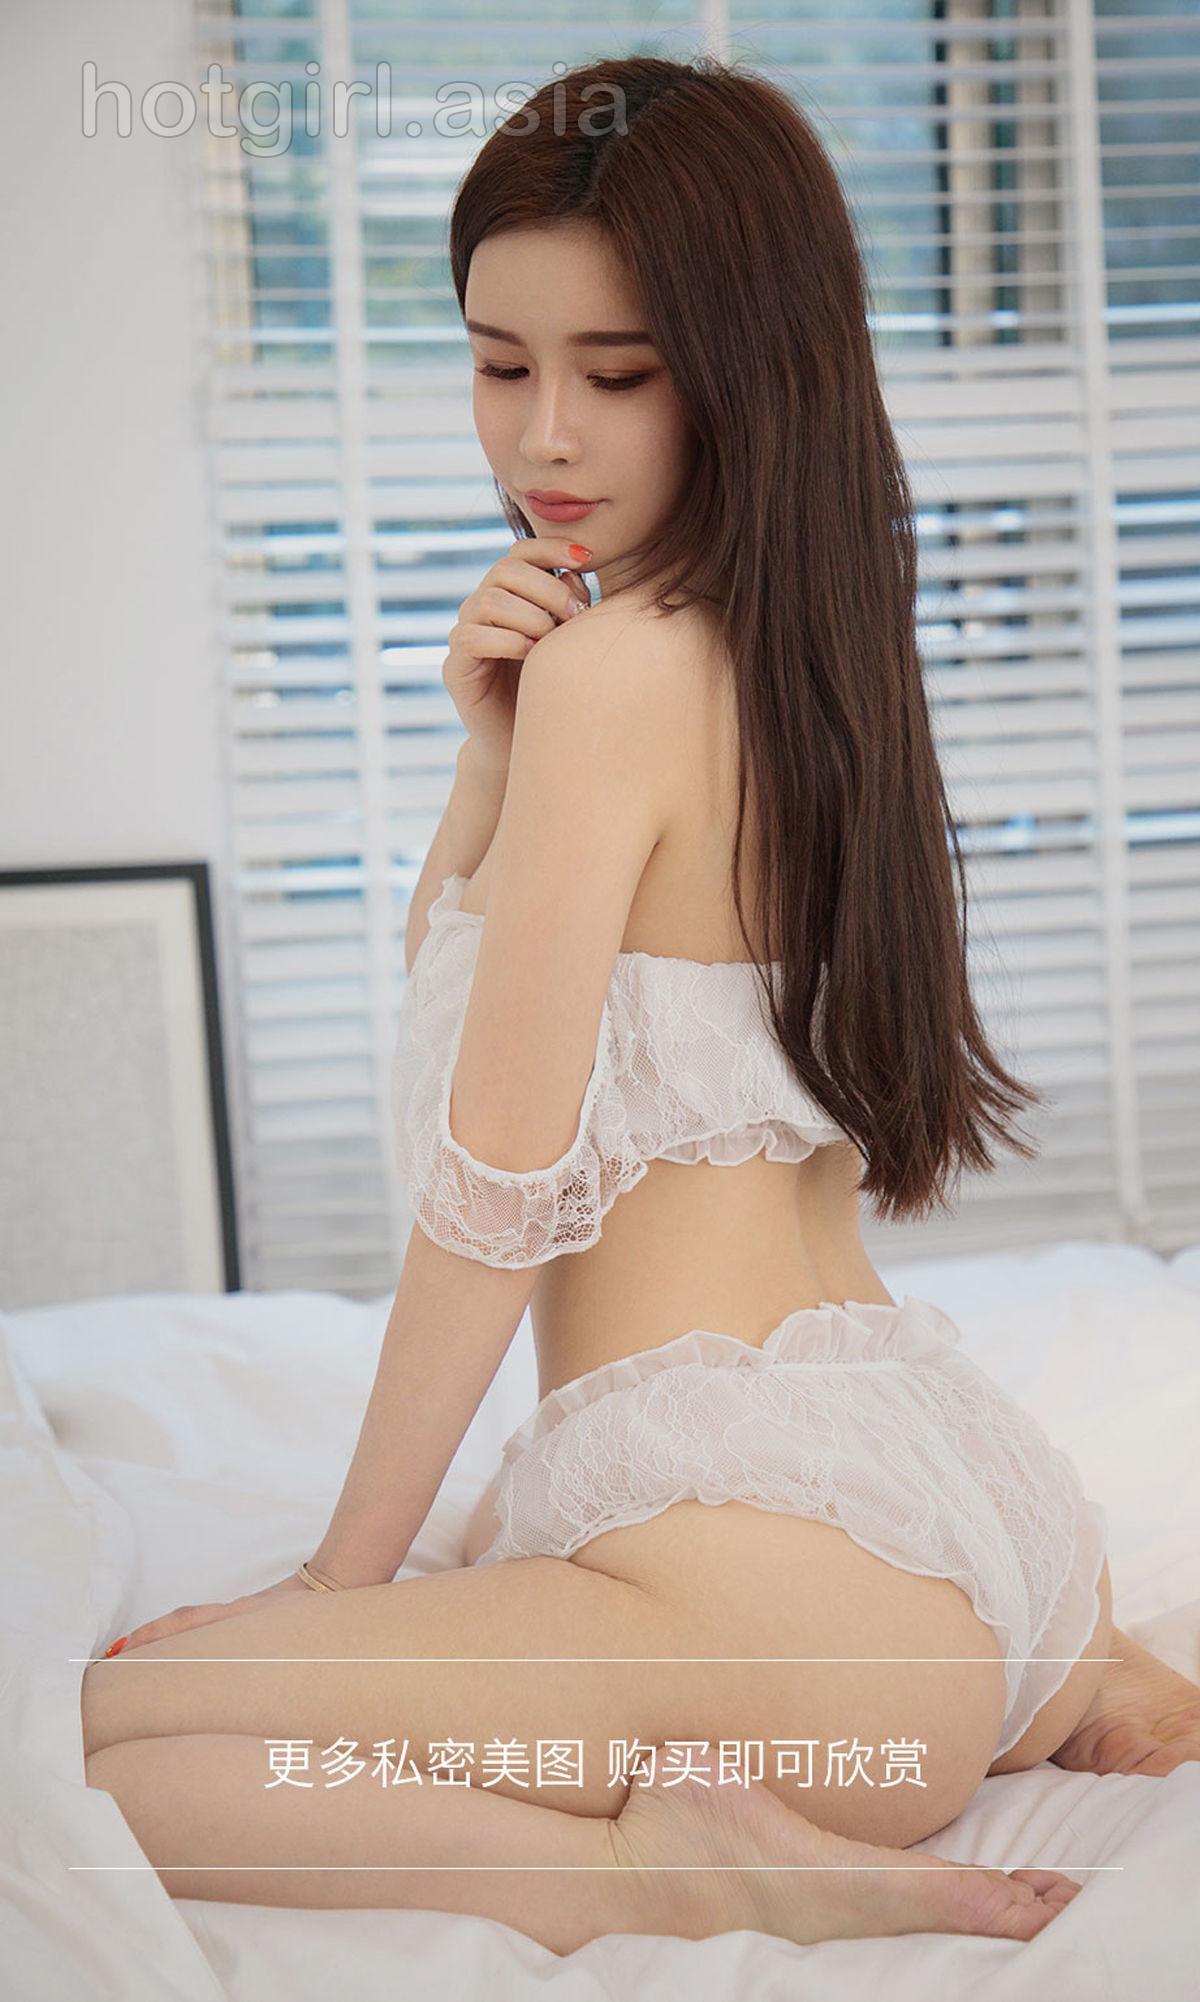 [Ugirls 爱 尤物] No.1285 Chun Xiao Xi-Xiao Xi in Love Photo Album